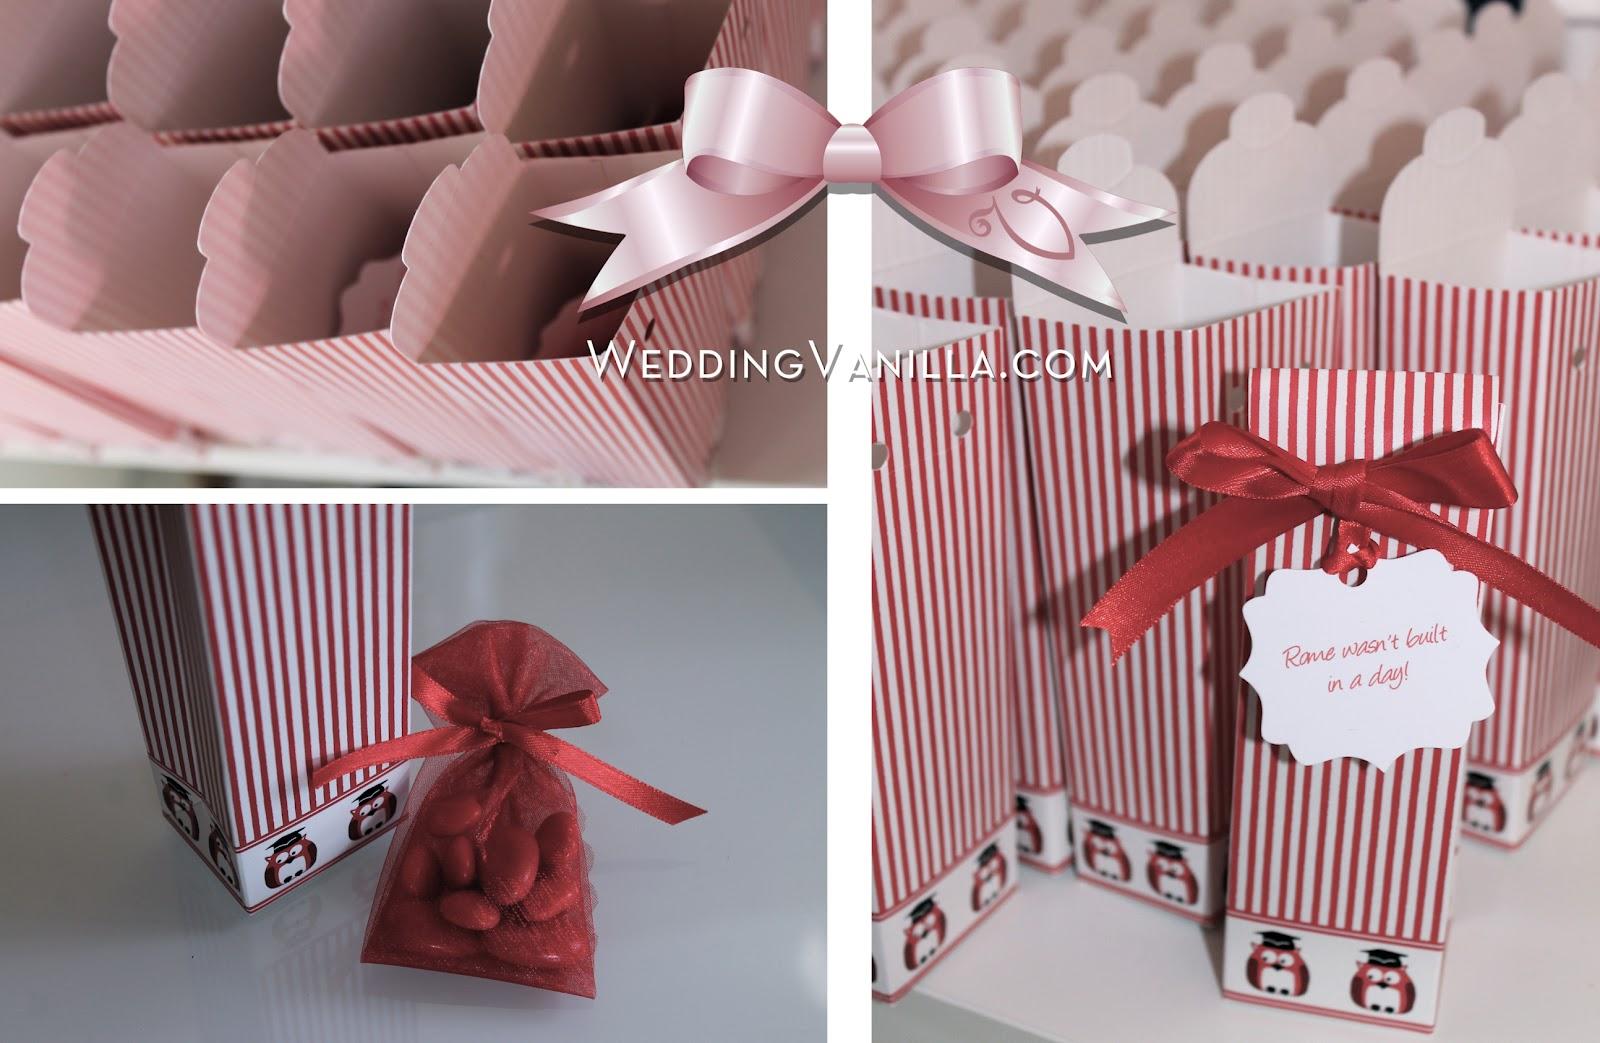 Popolare Vanilla Wedding Design: Le nostre idee per la tua festa di laurea EN67